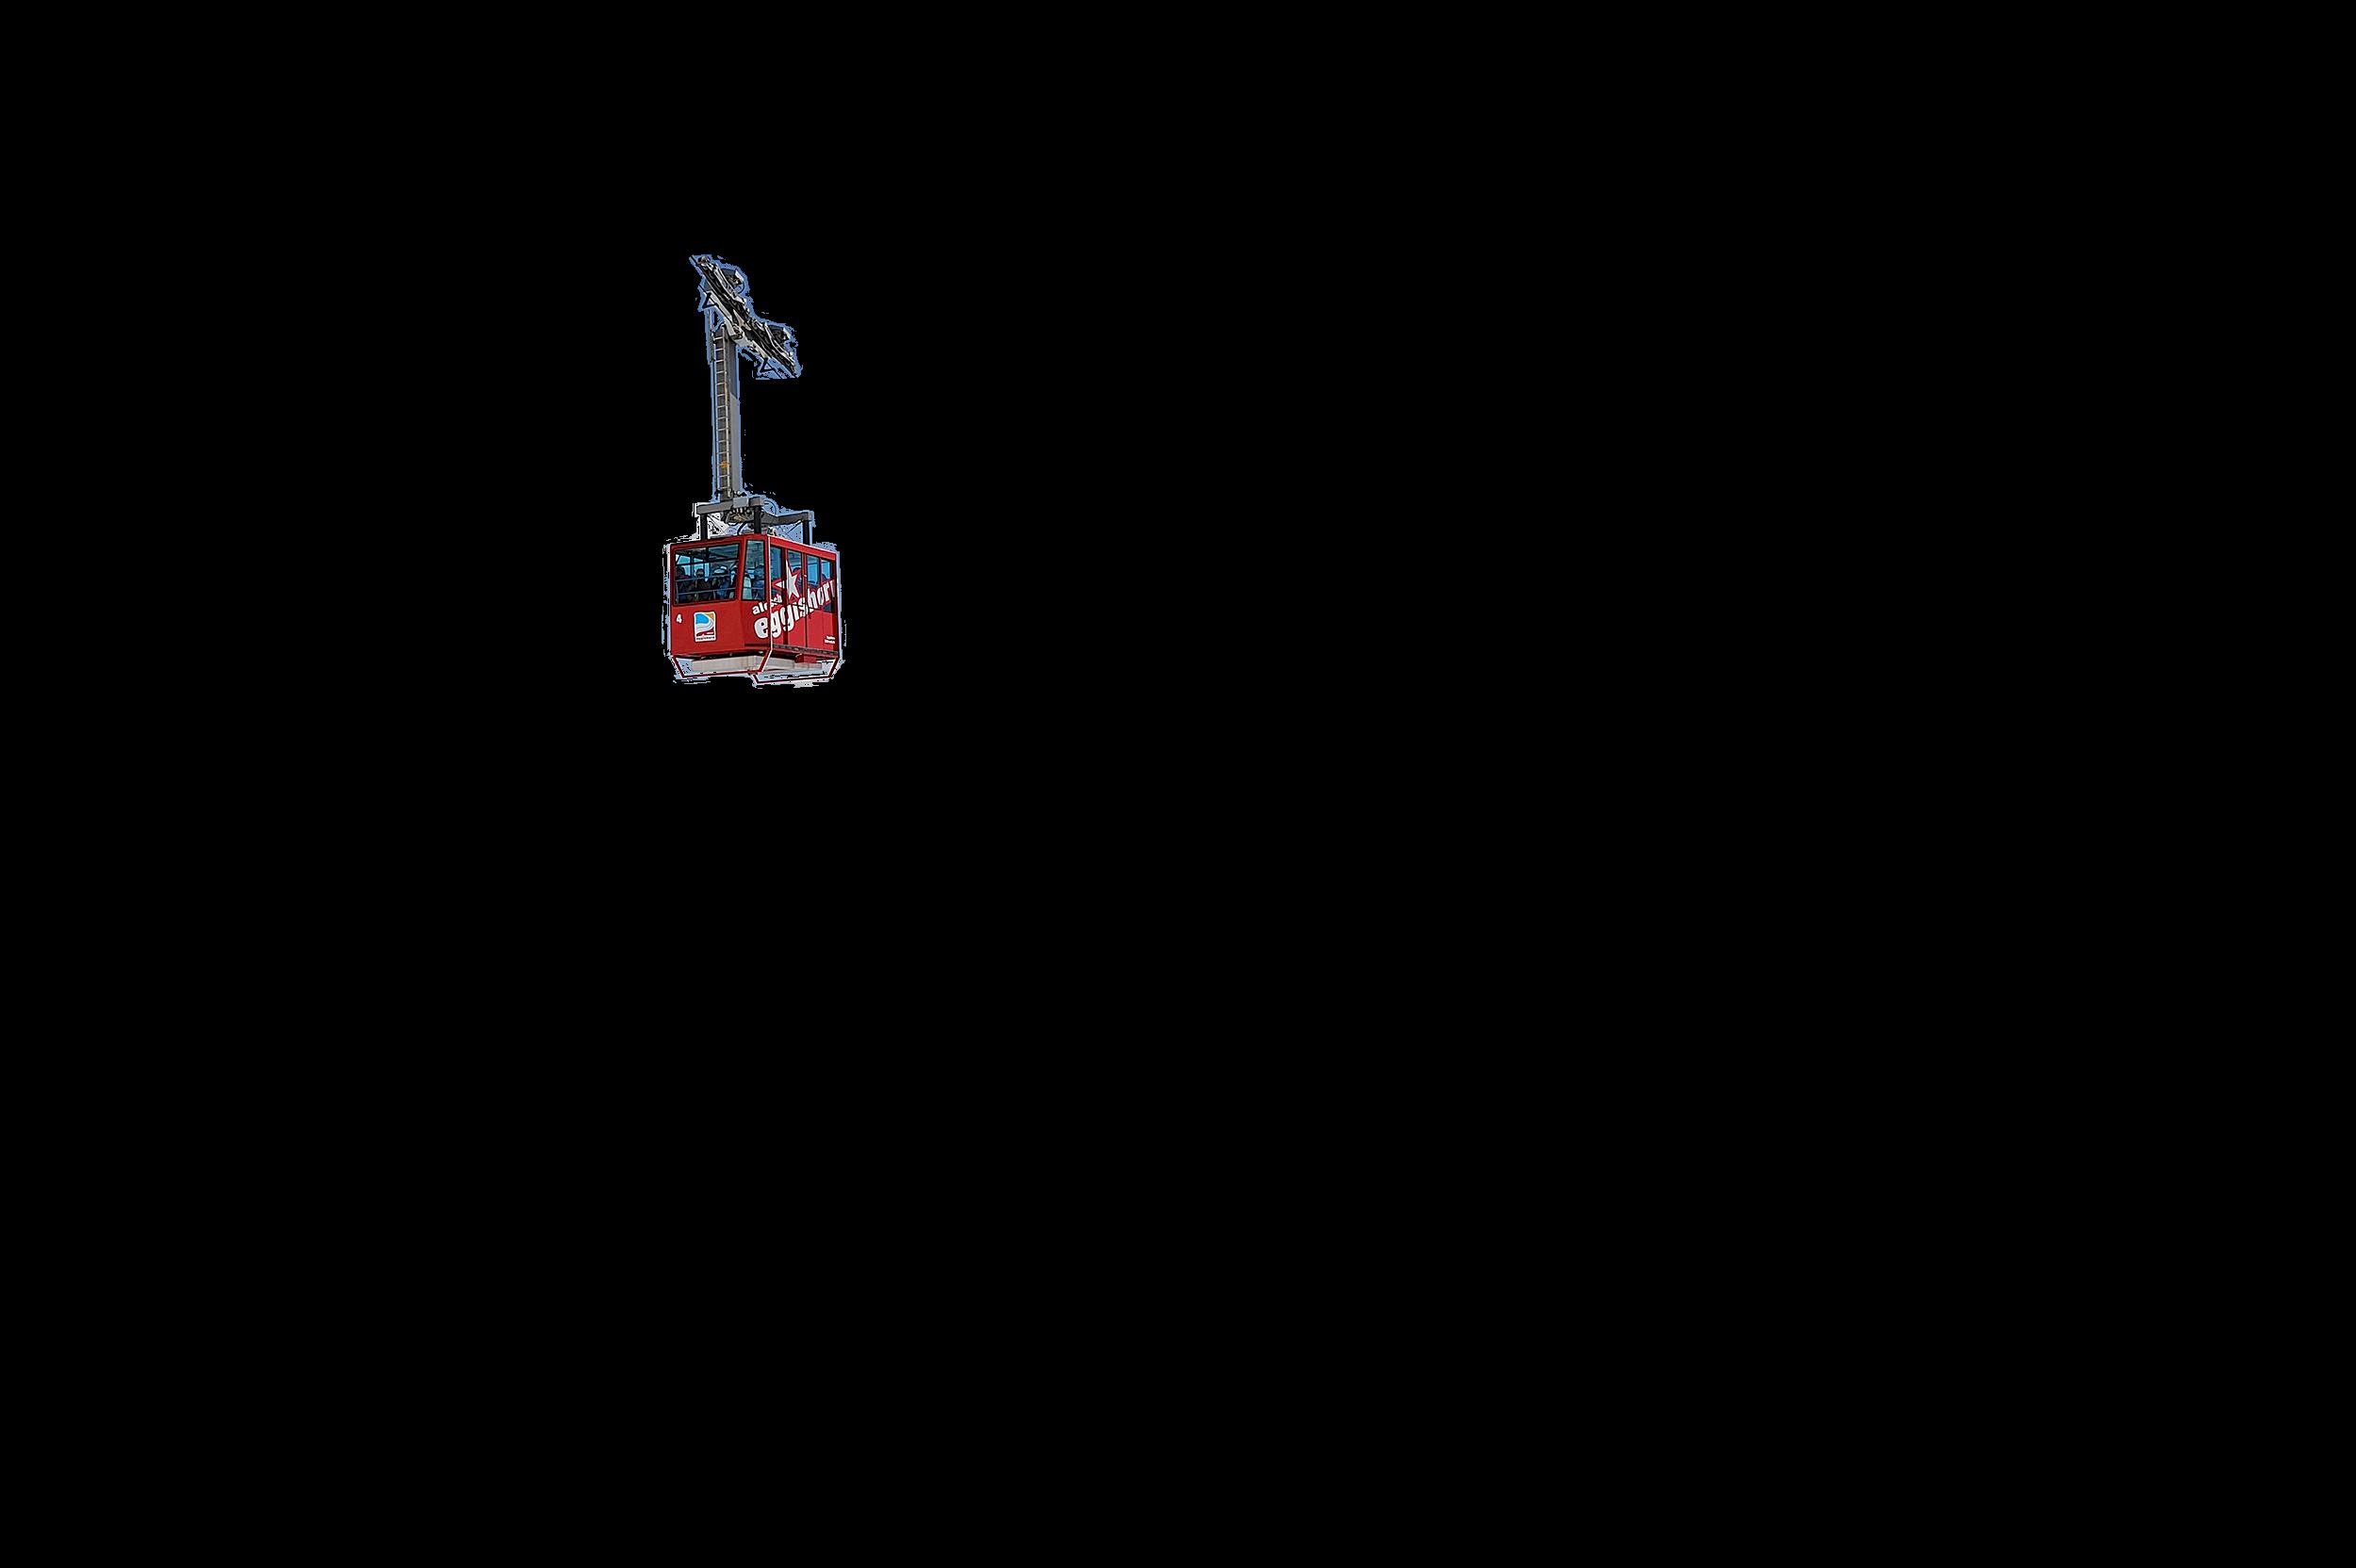 Een karretje van een skilift